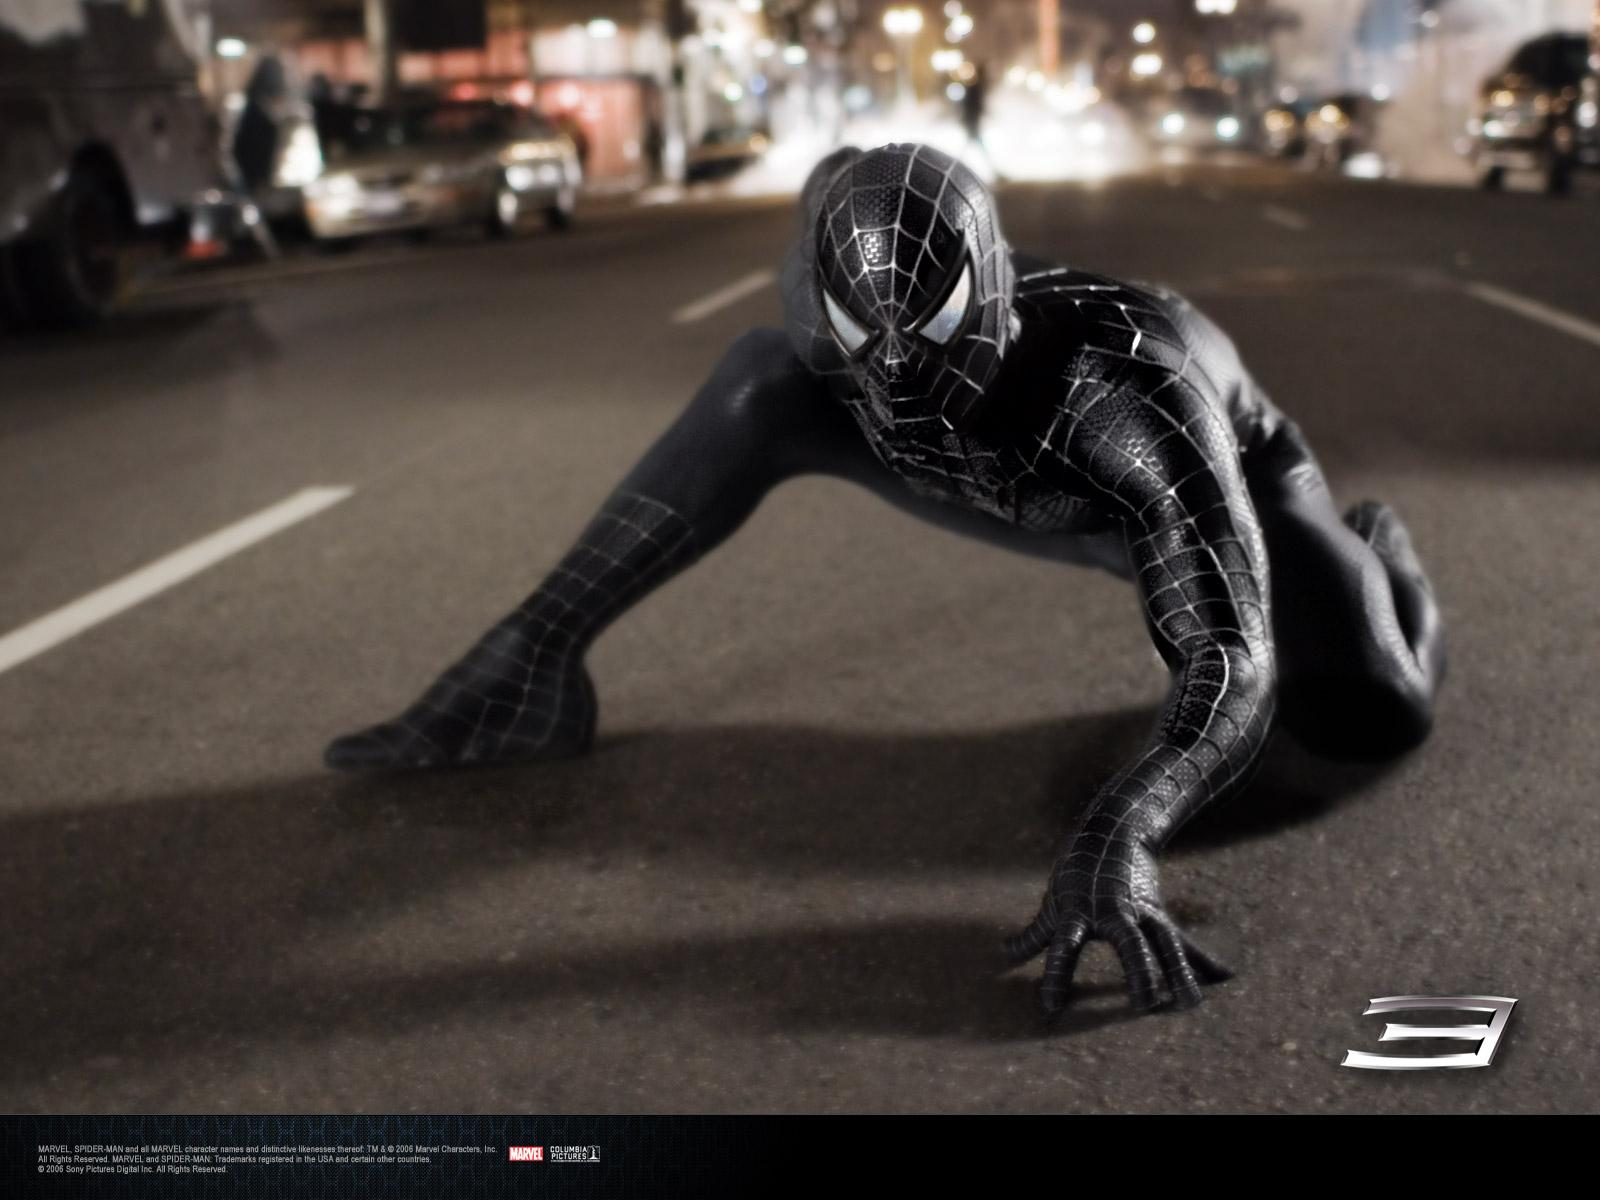 Wallpaper Peter sombre pret a bondir Spiderman